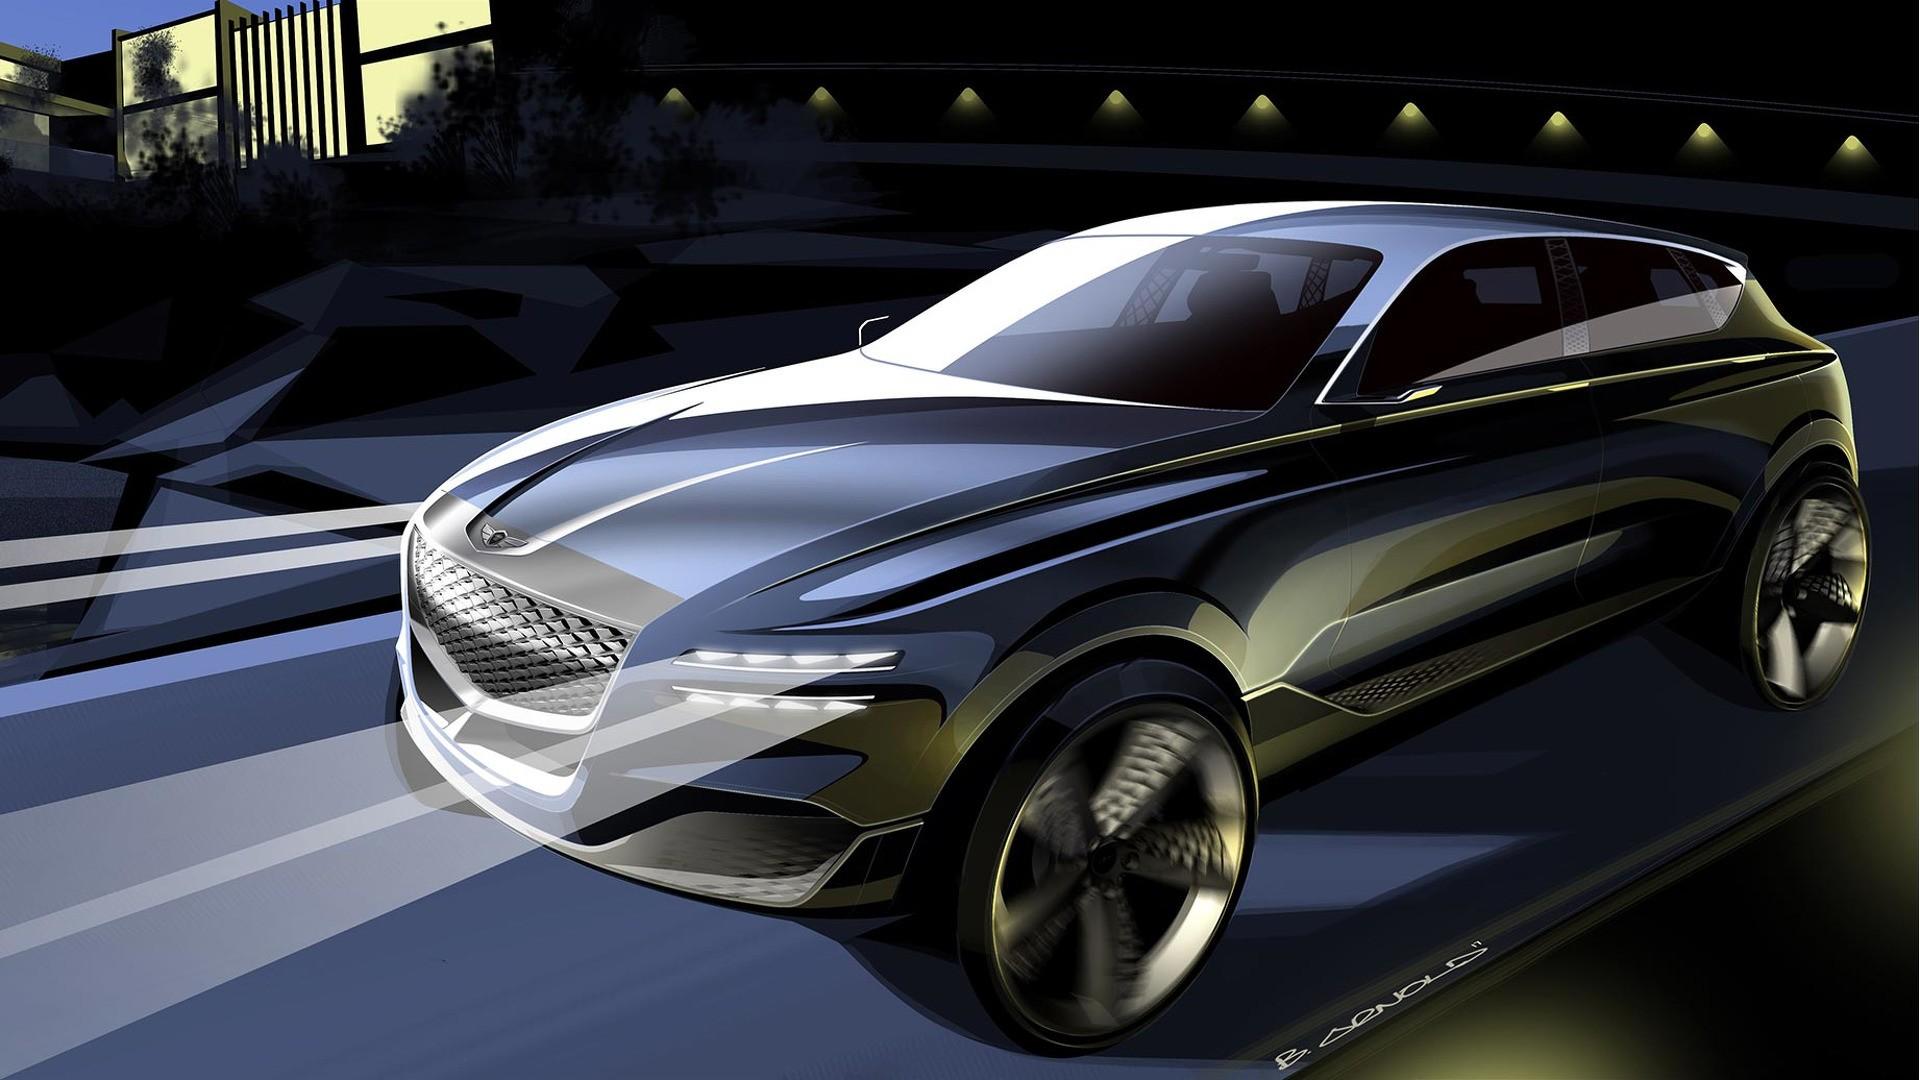 2018 Hyundai Santafe >> Spyshots: 2020 Genesis GV80 SUV Testing to Kickstart Hyundai's Luxury Crossover - autoevolution